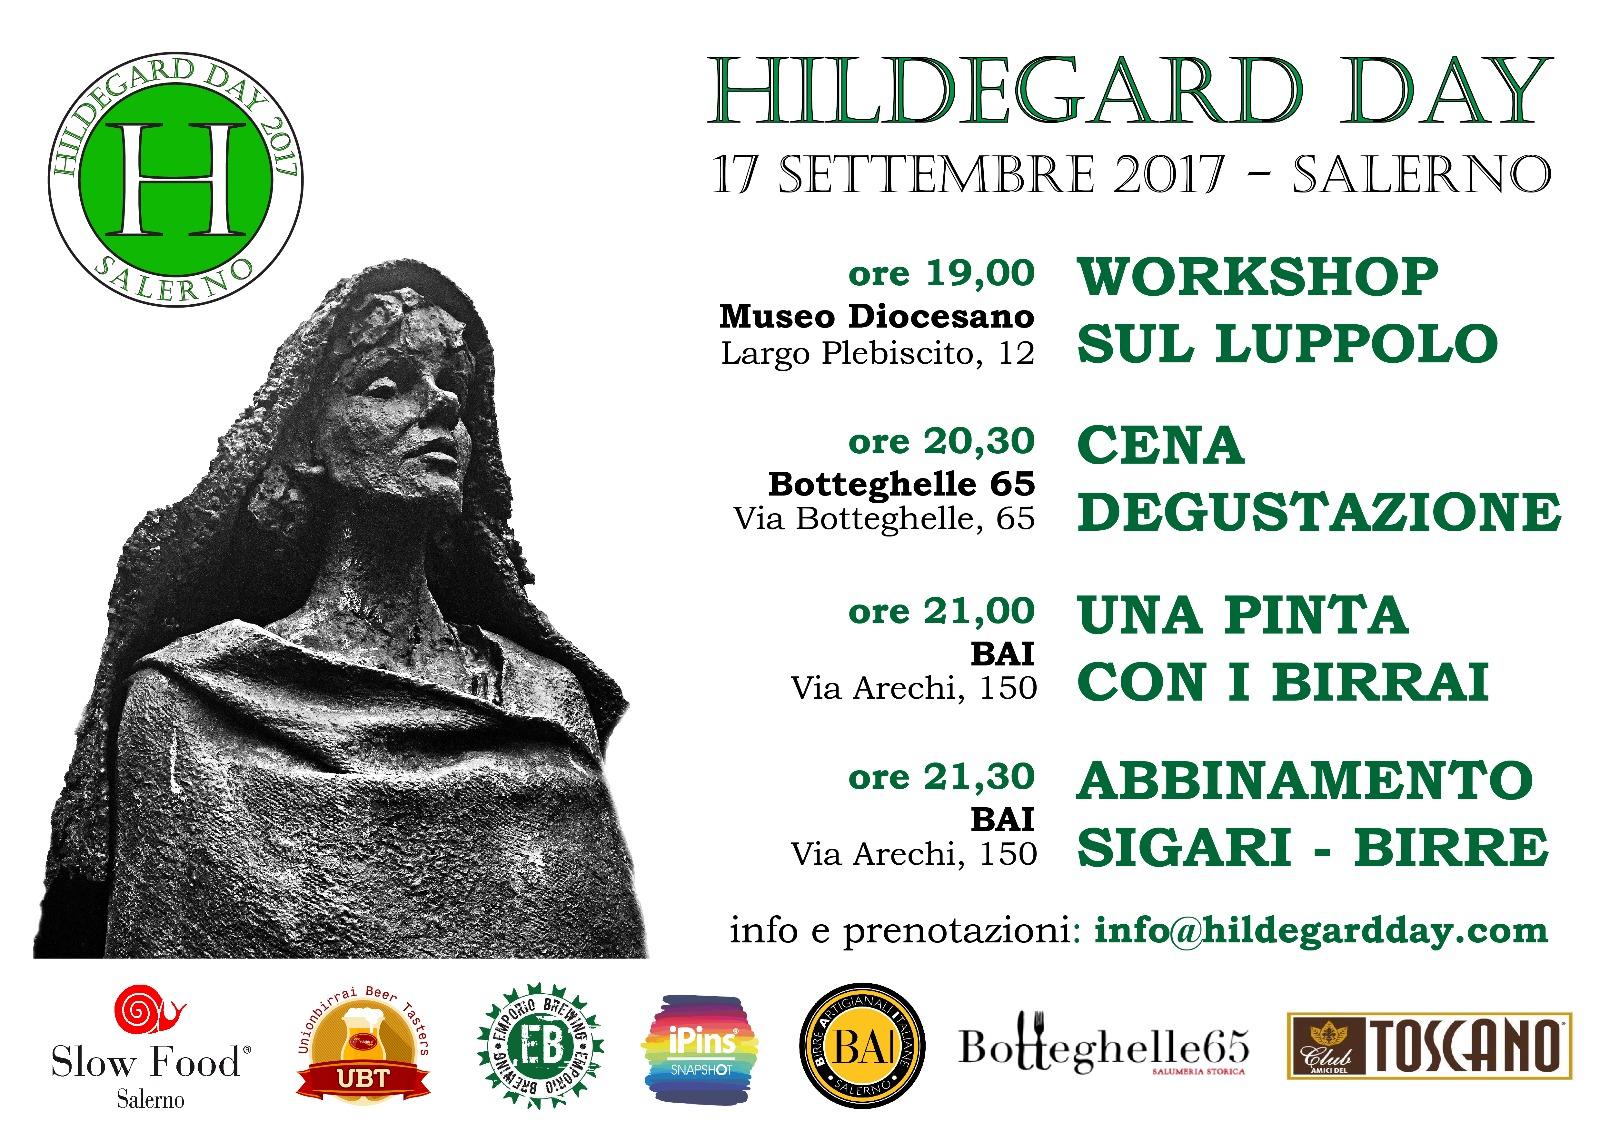 Salerno torna palcoscenico della terza edizione dell'HildegardDay